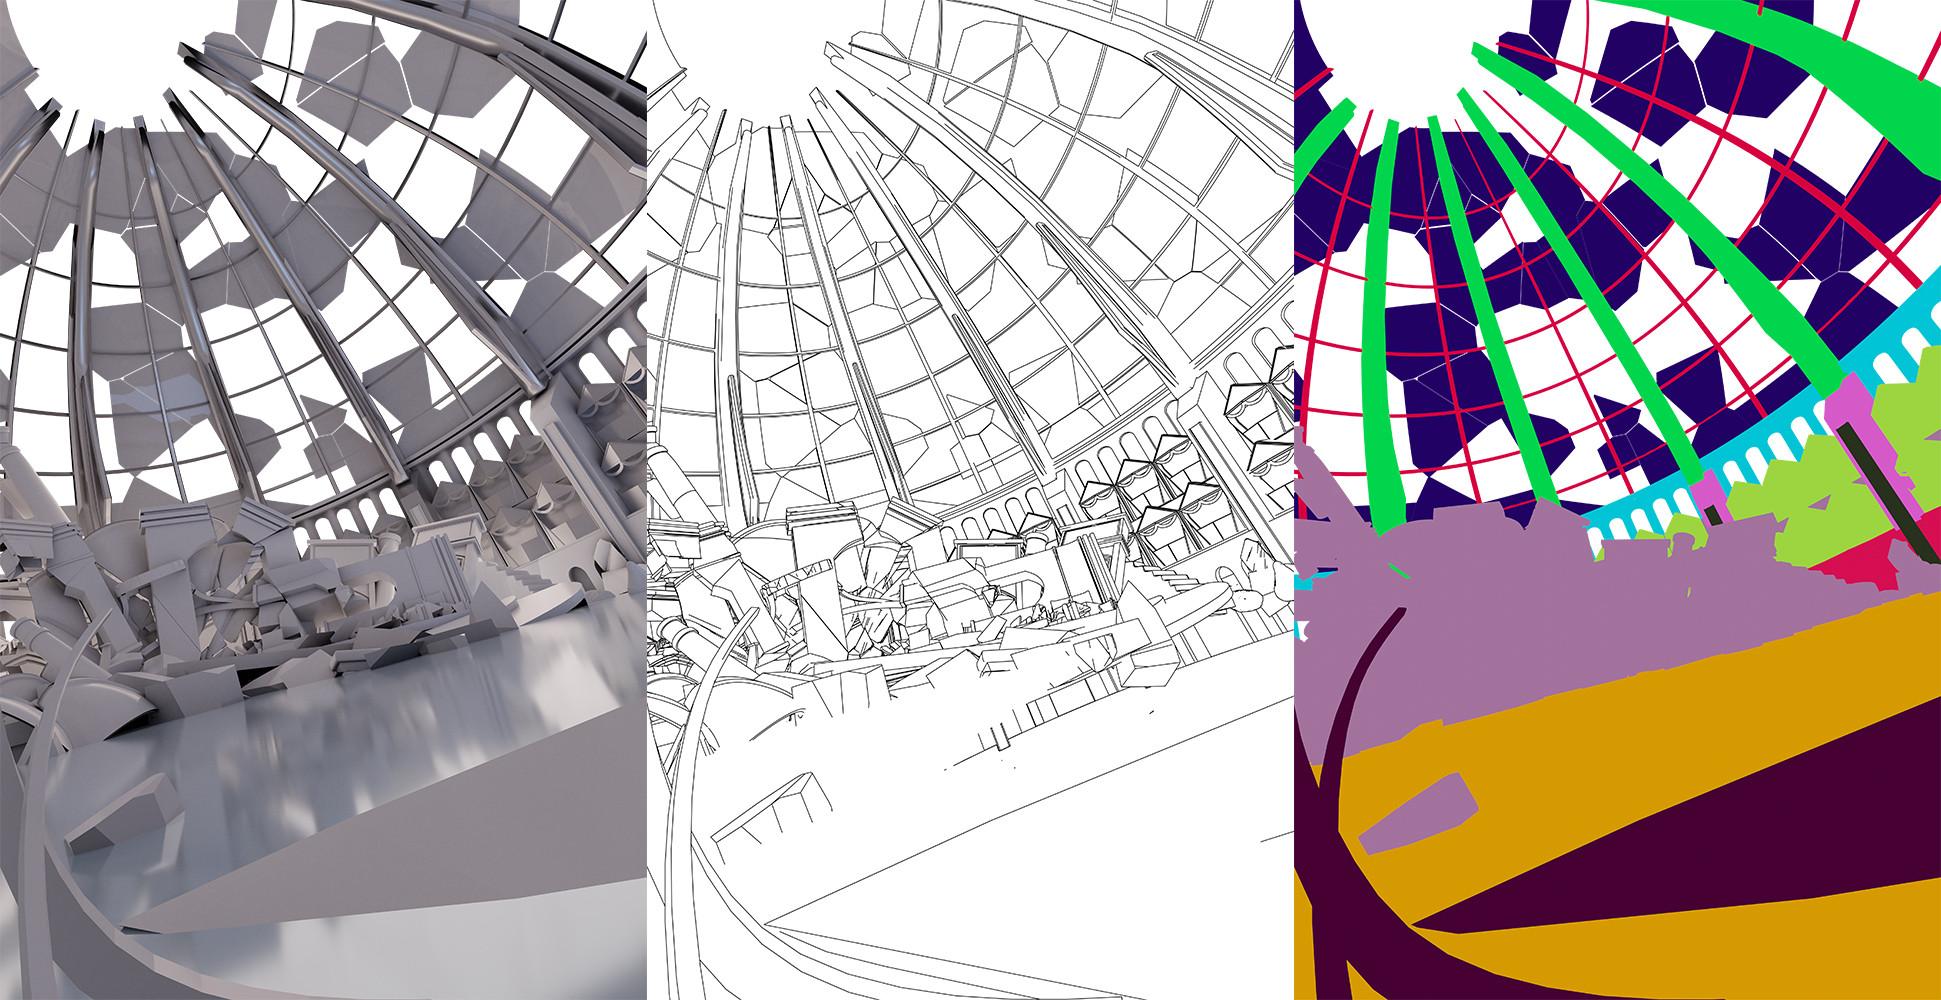 background renders